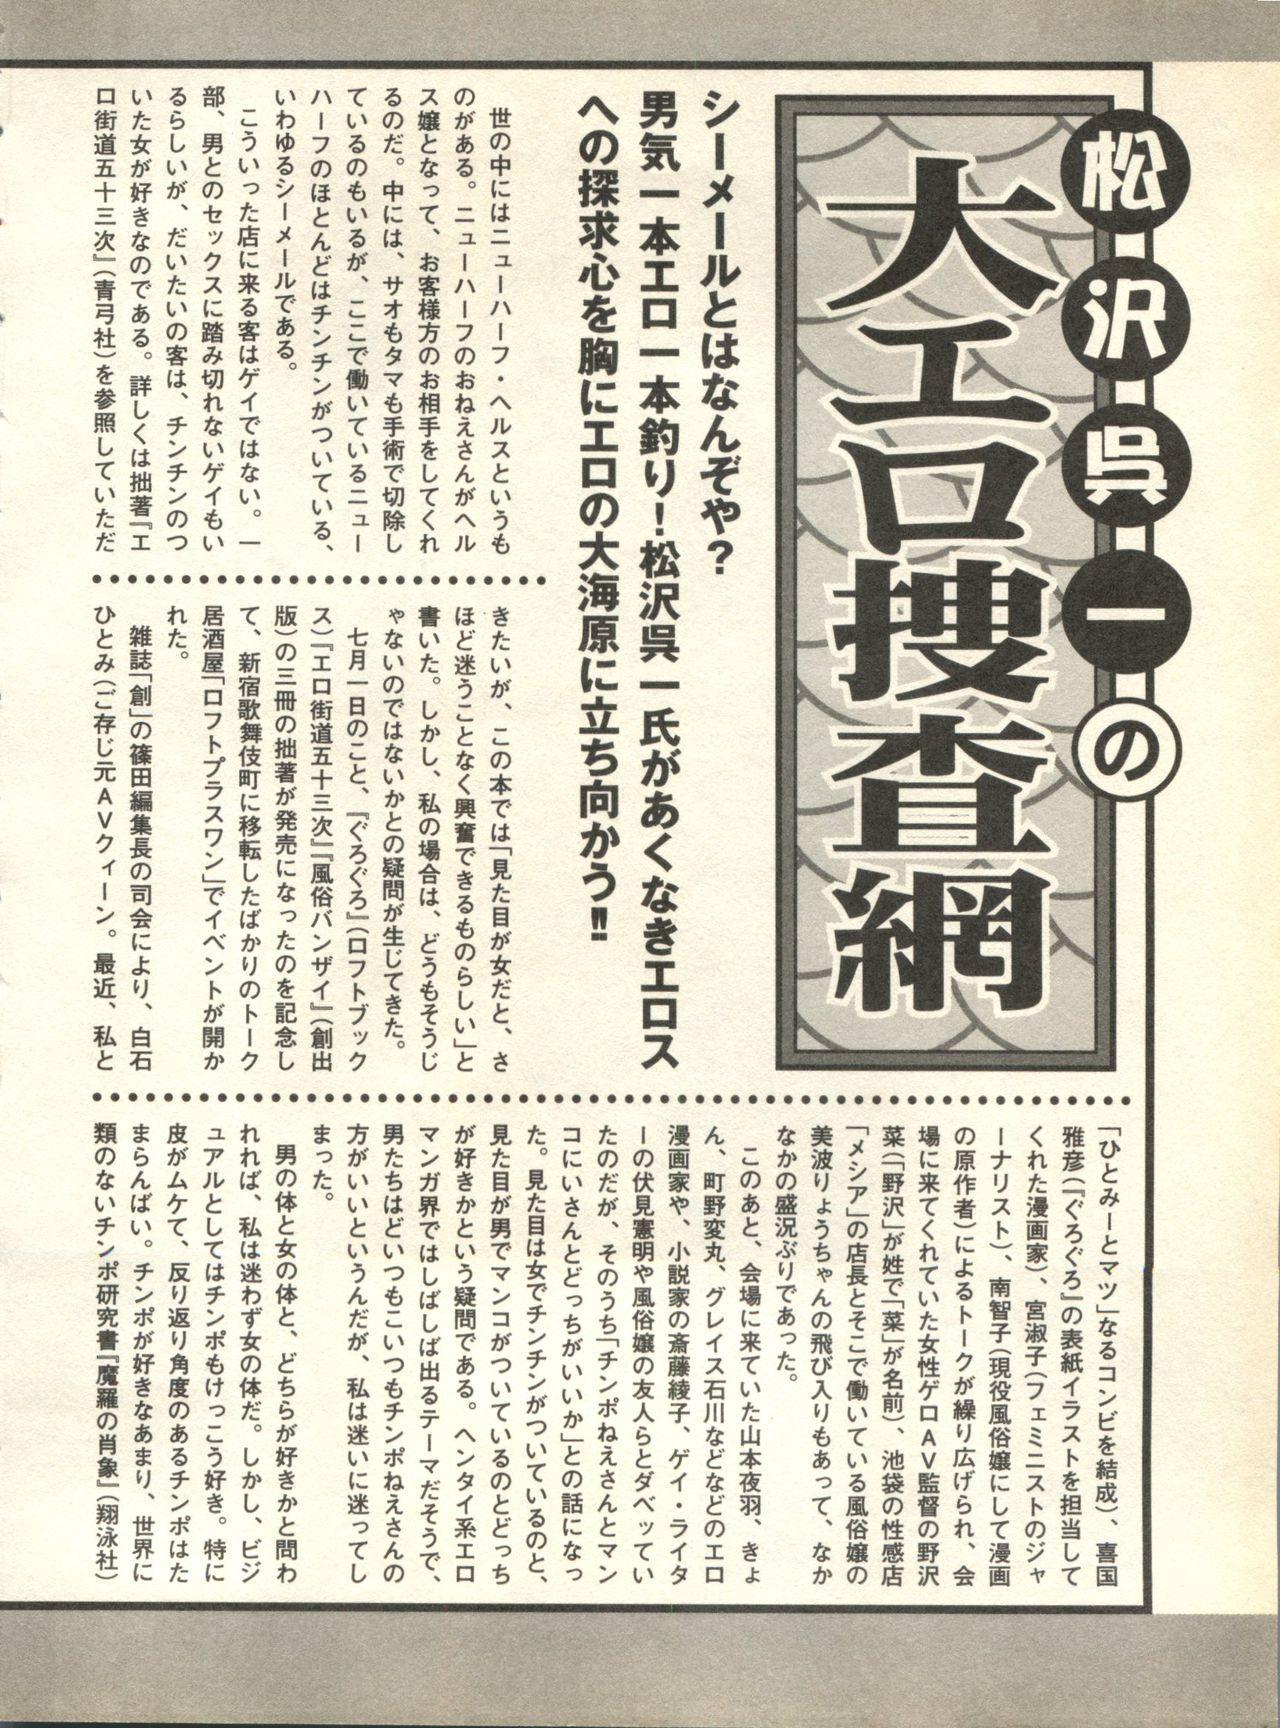 Pai;kuu 1998 October Vol. 13 201